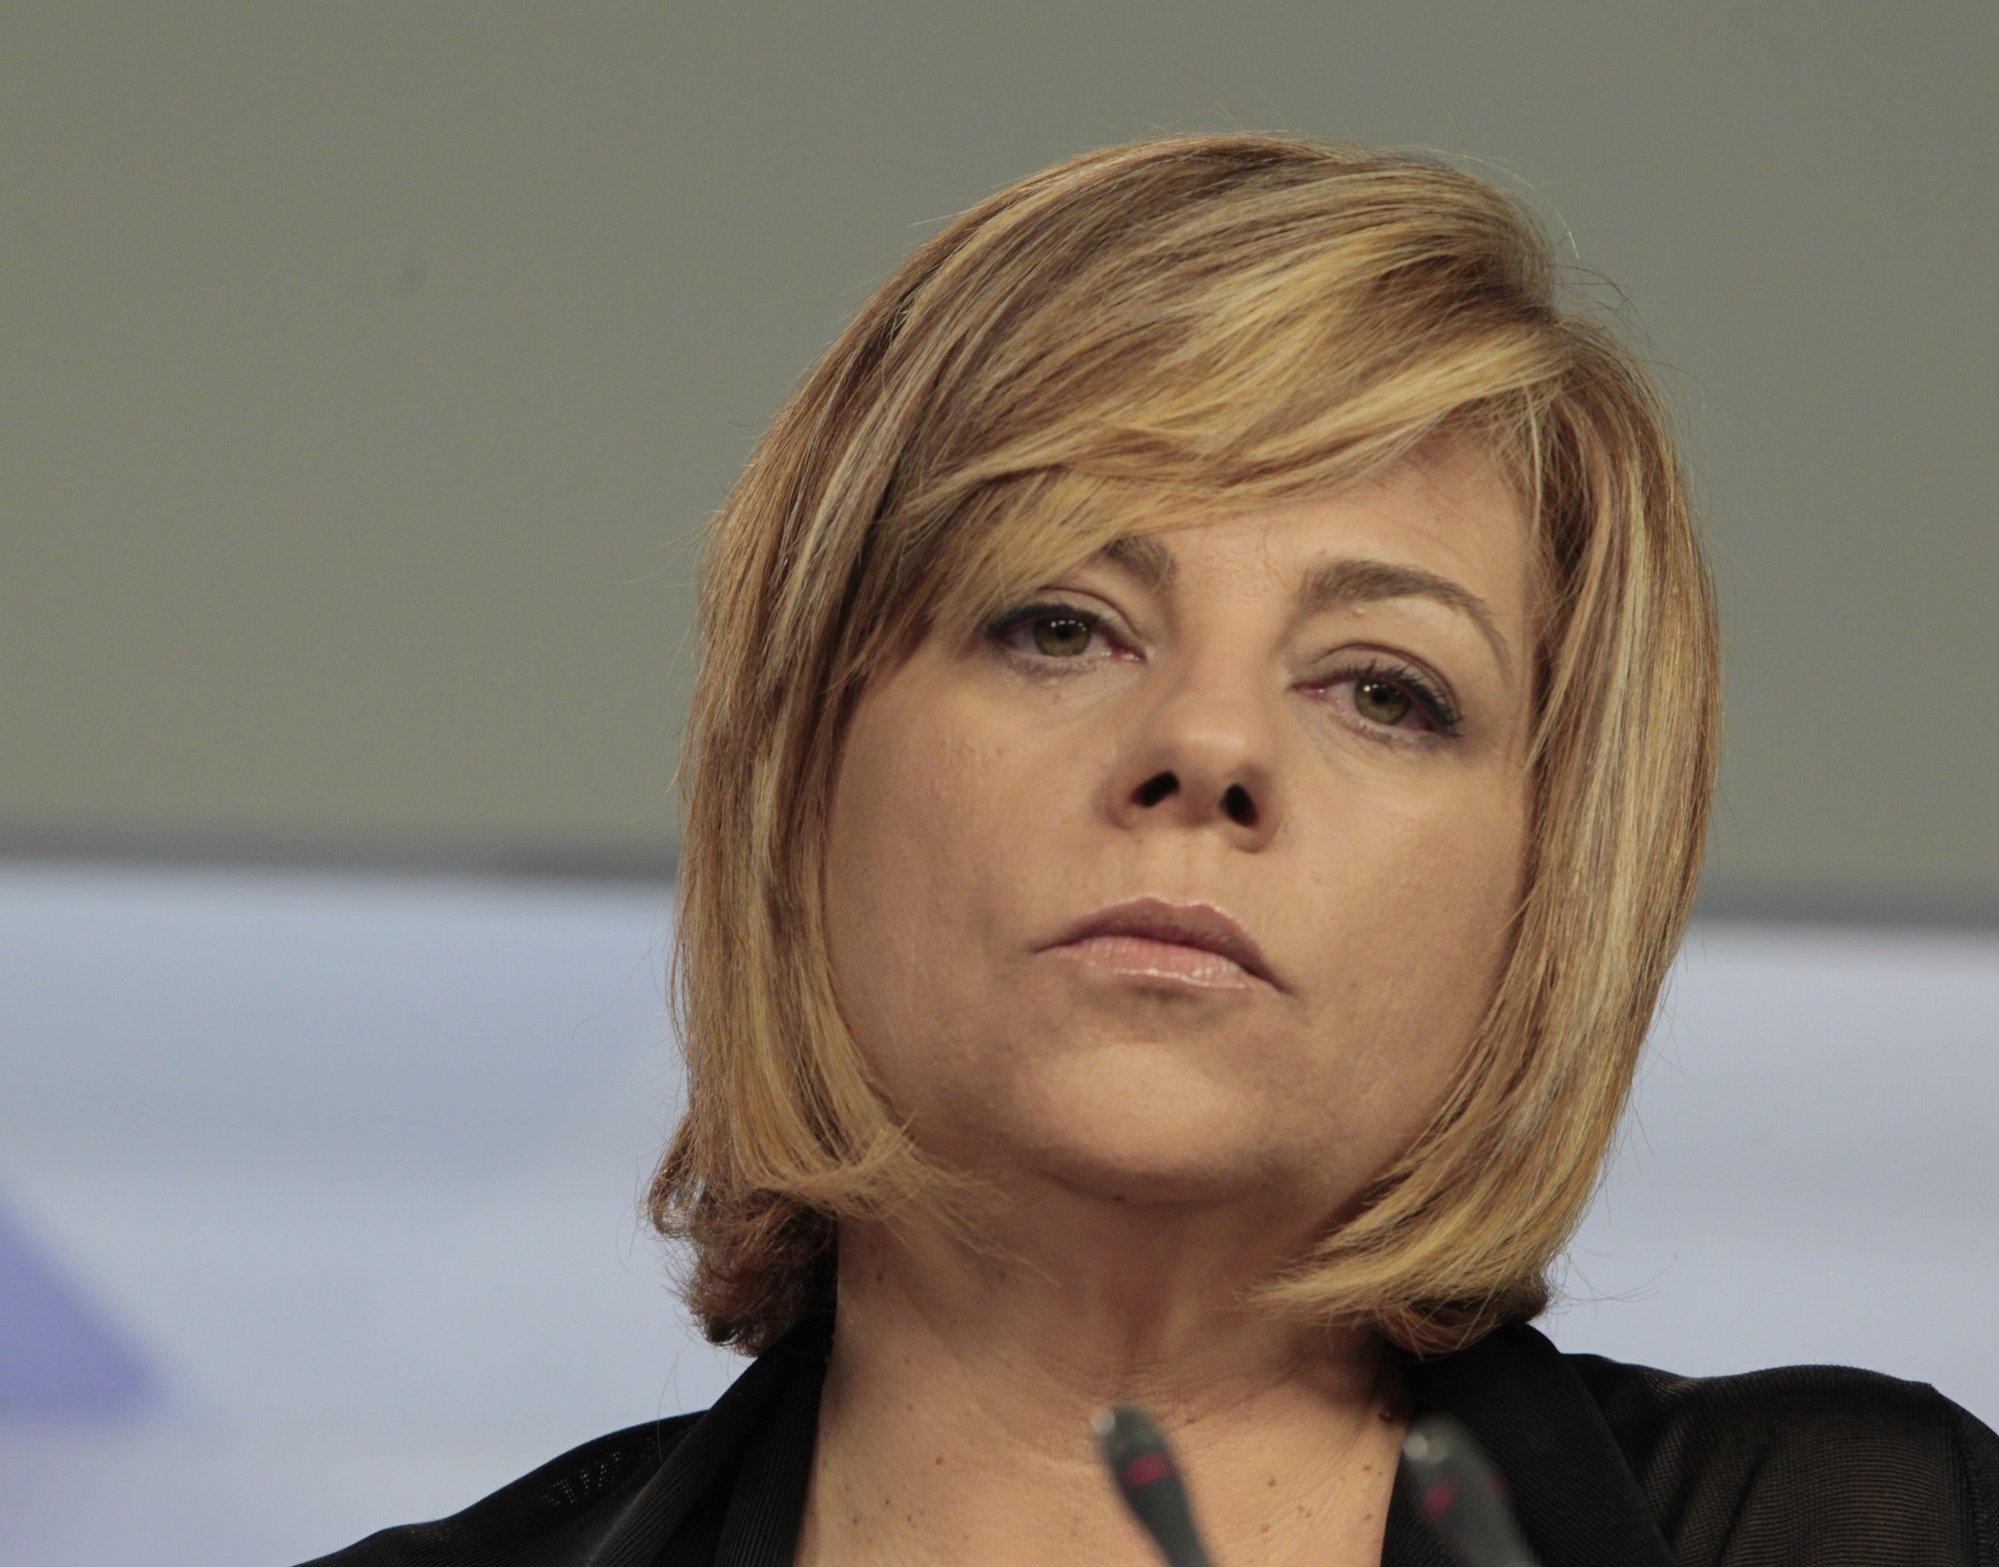 El PSOE pide al Gobierno que dé tranquilidad sobre Bankia, explicando «qué está pasando y qué piensan hacer»